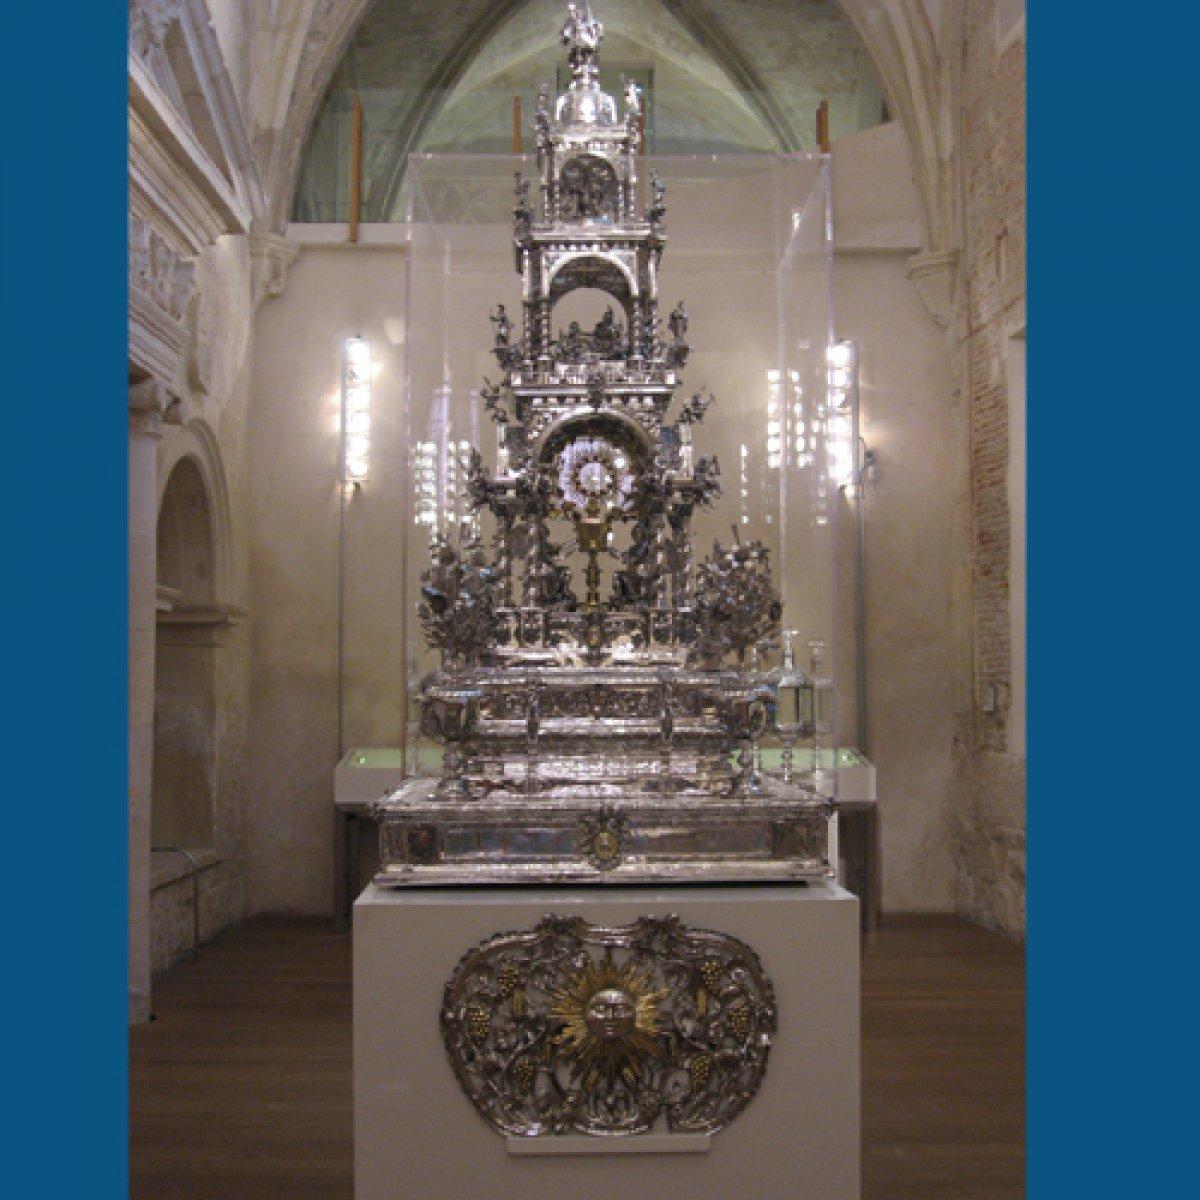 Custodia Catedral de Murcia